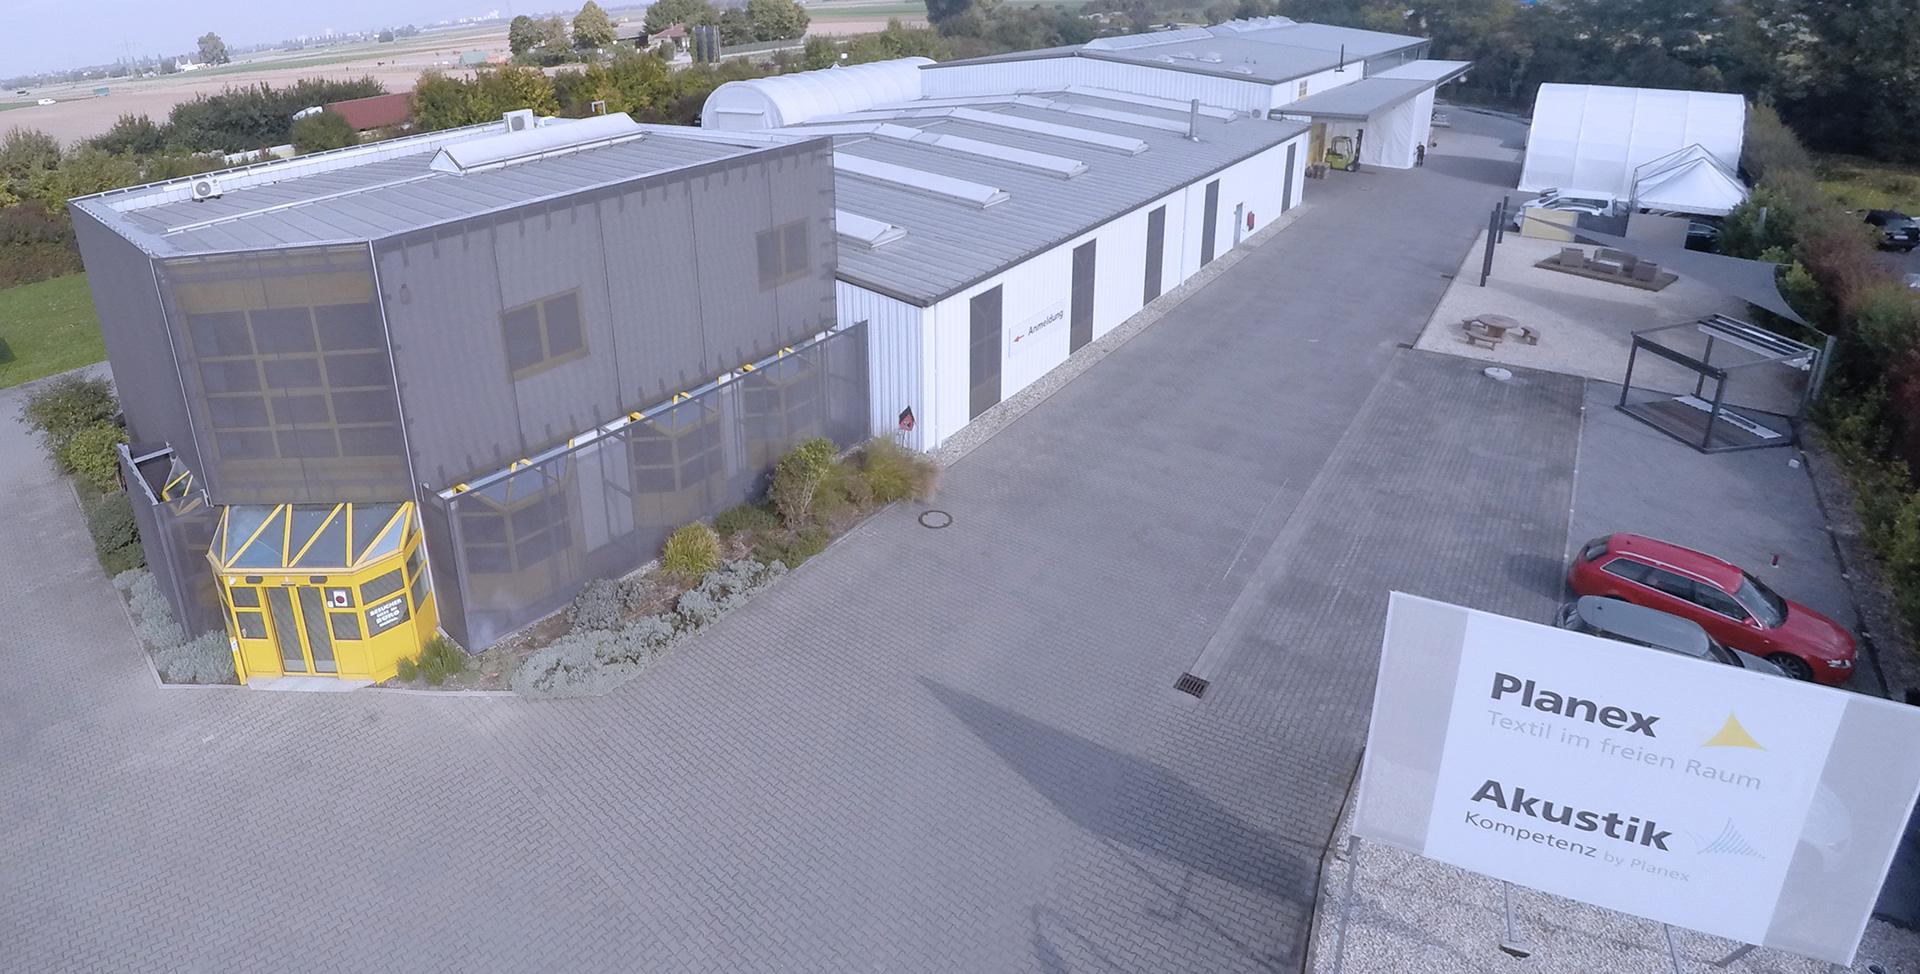 Das Firmengelände des Unternehmens AkustikKompetenz by Planex in Ludwigshafen